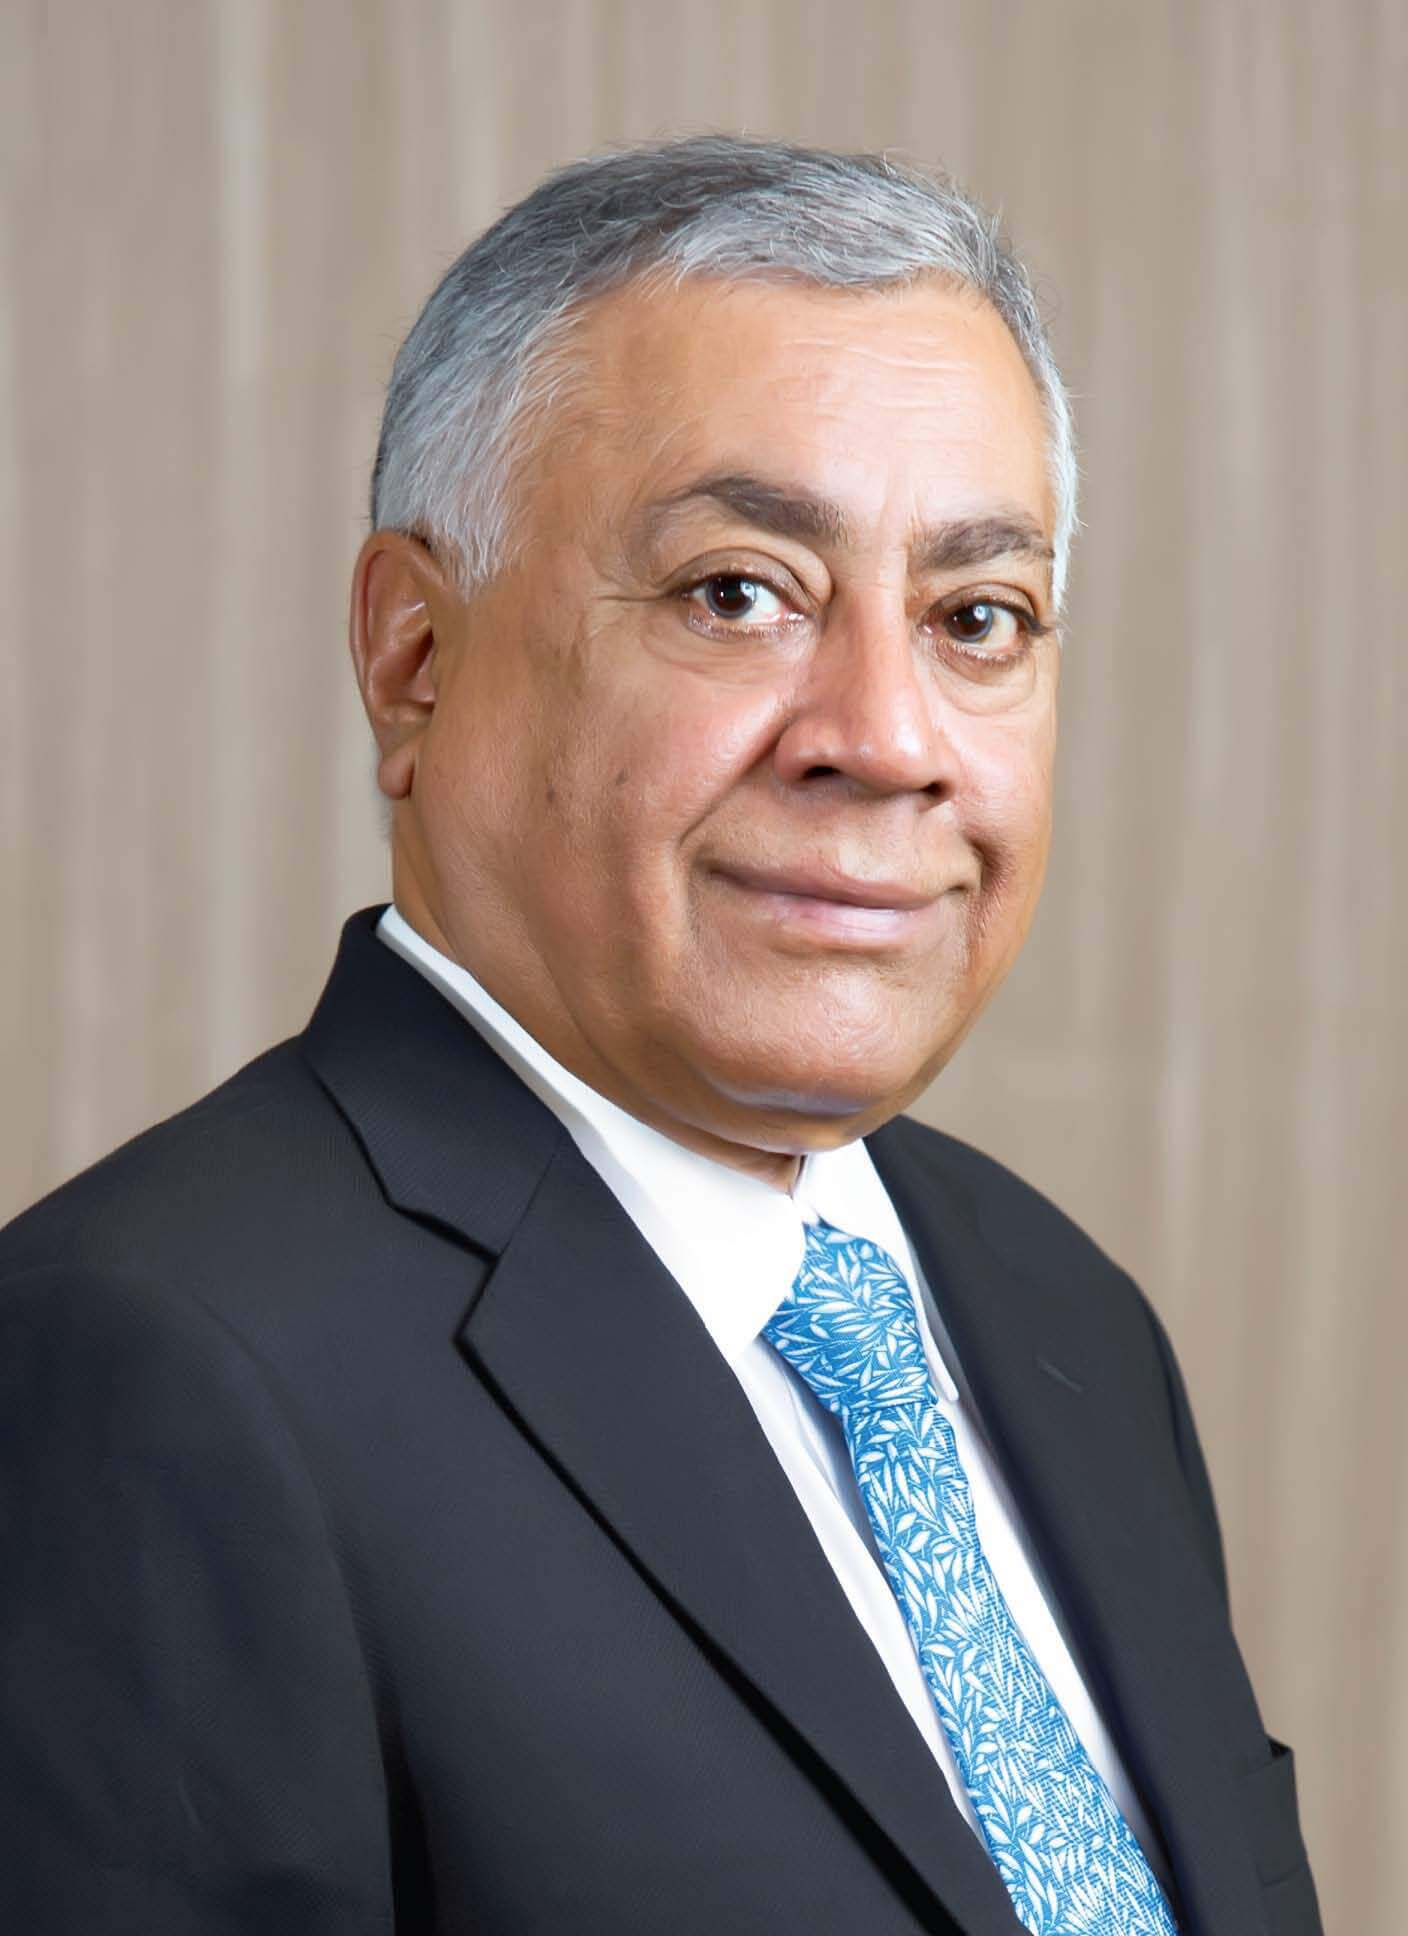 Harindarpal Singh 'Harry' Banga